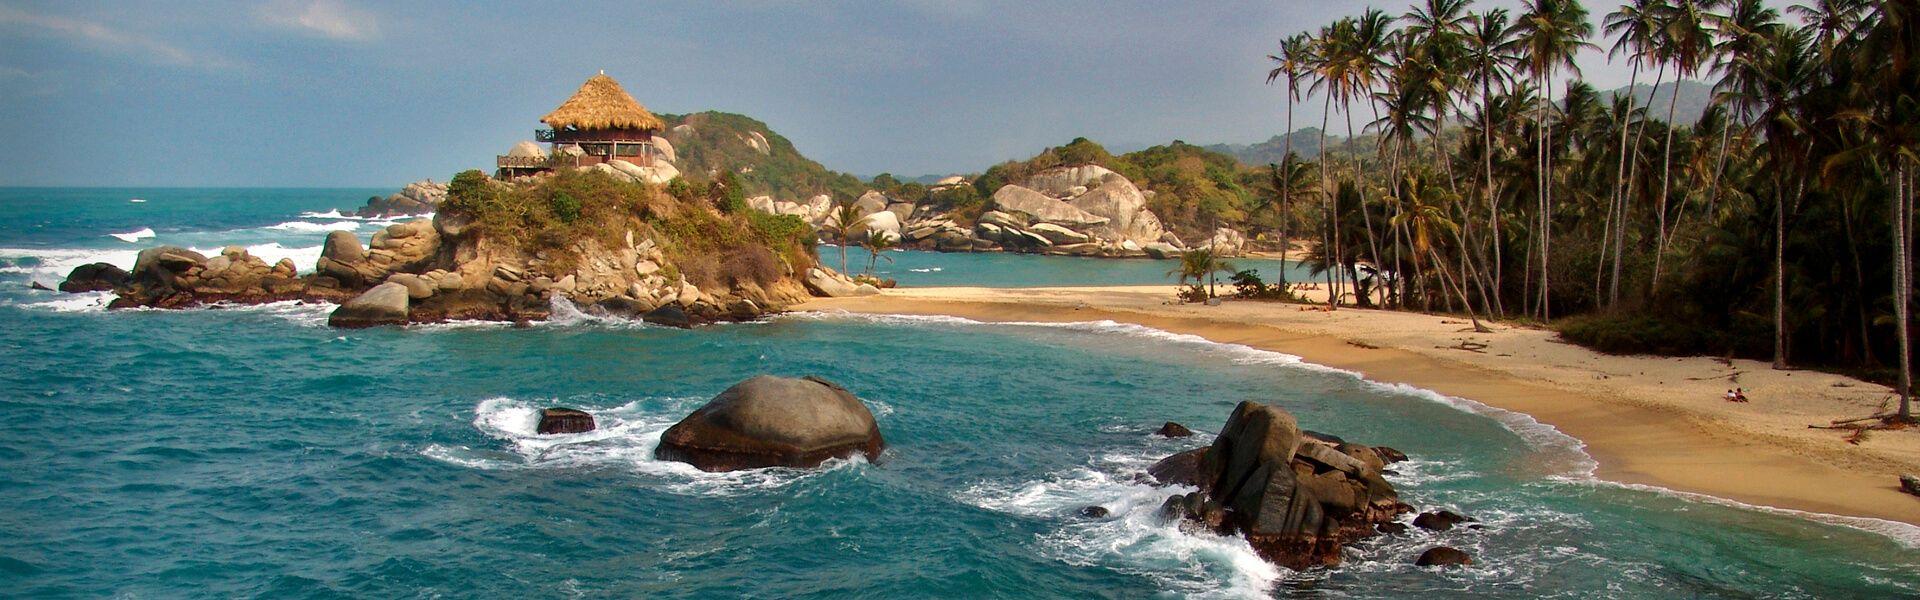 Cinco destinos en Latinoamérica para todos los bolsillos Santa Marta